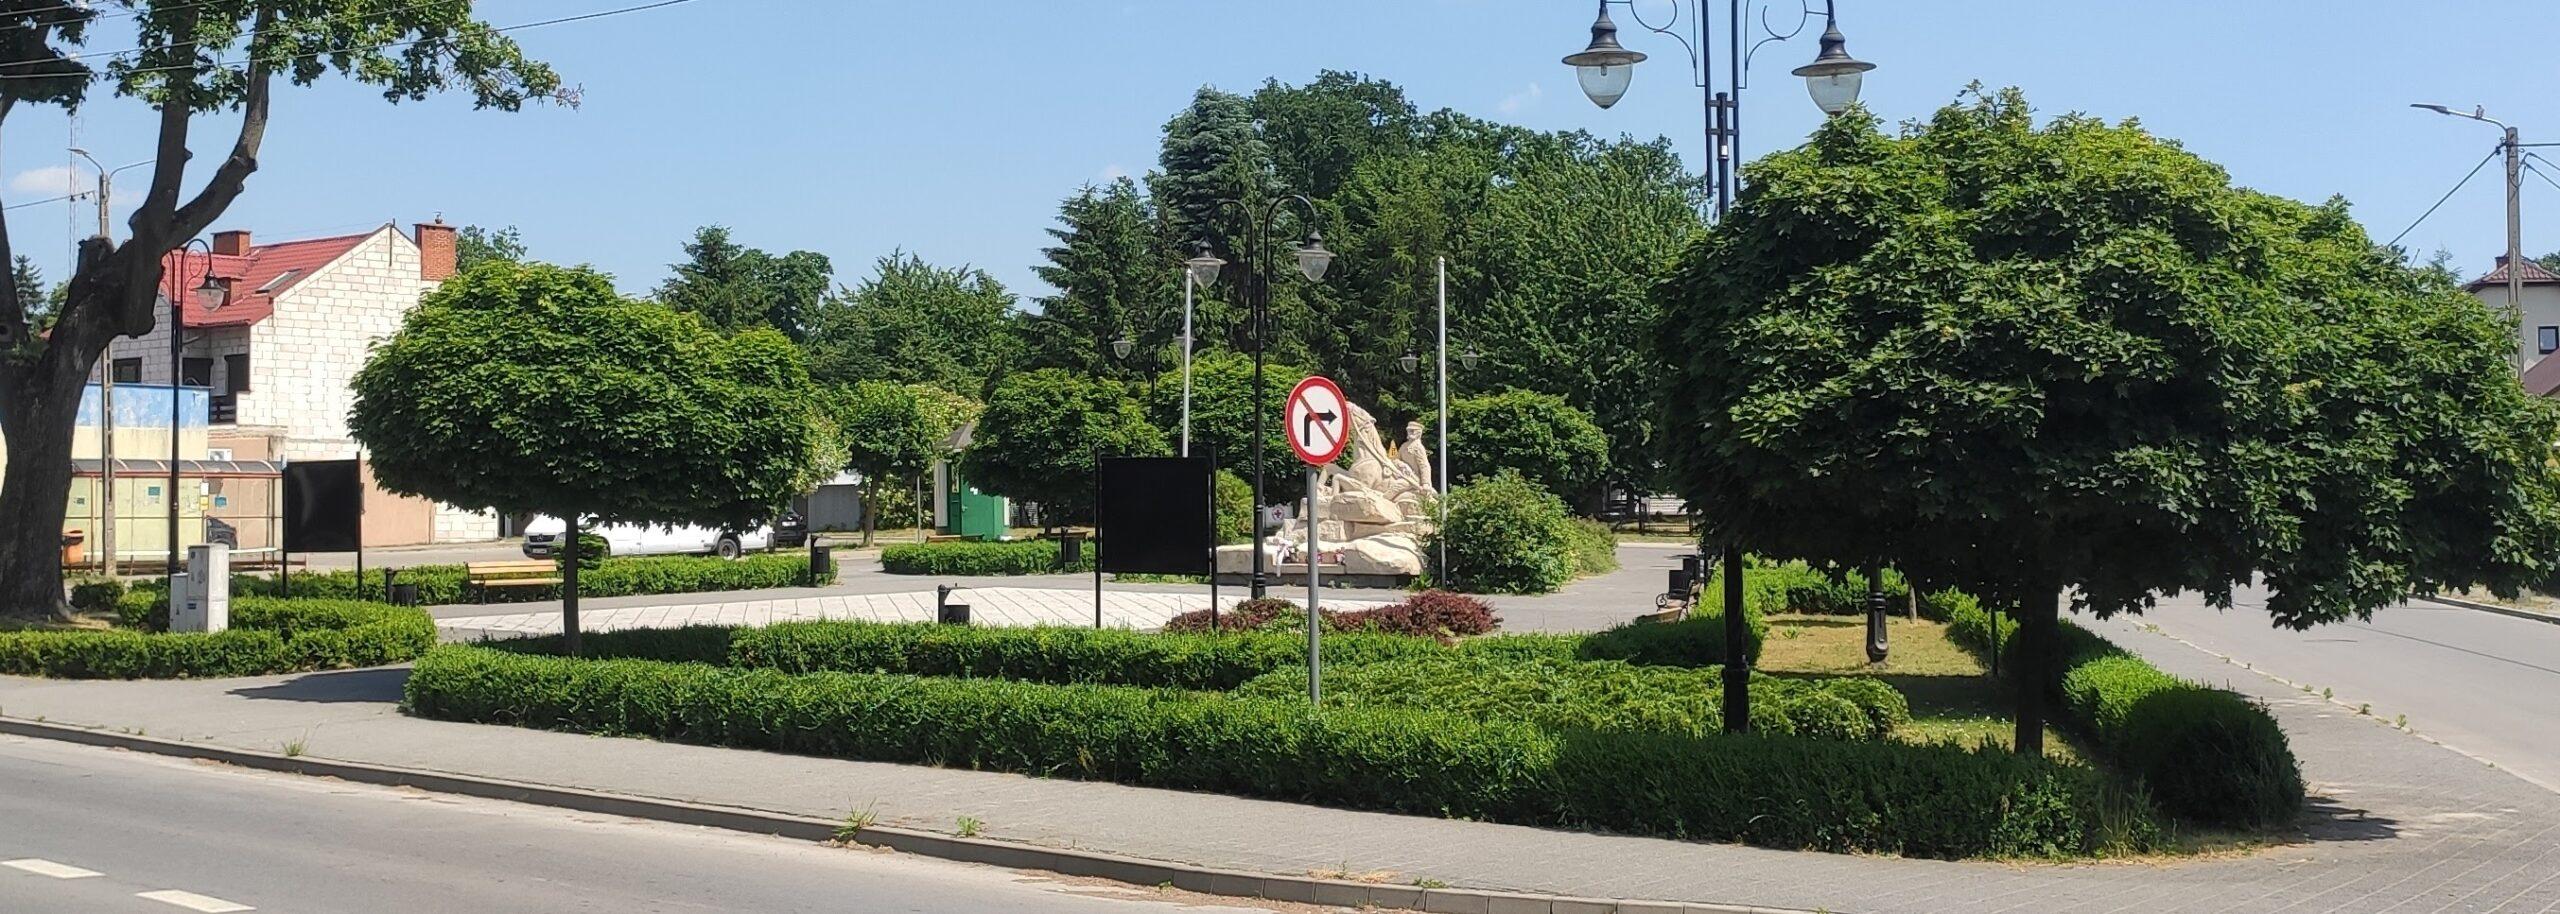 Konsultacje społeczne w zakresie nadania nazwy  placowi znajdującemu się  w centrum miejscowości Zakrzówek